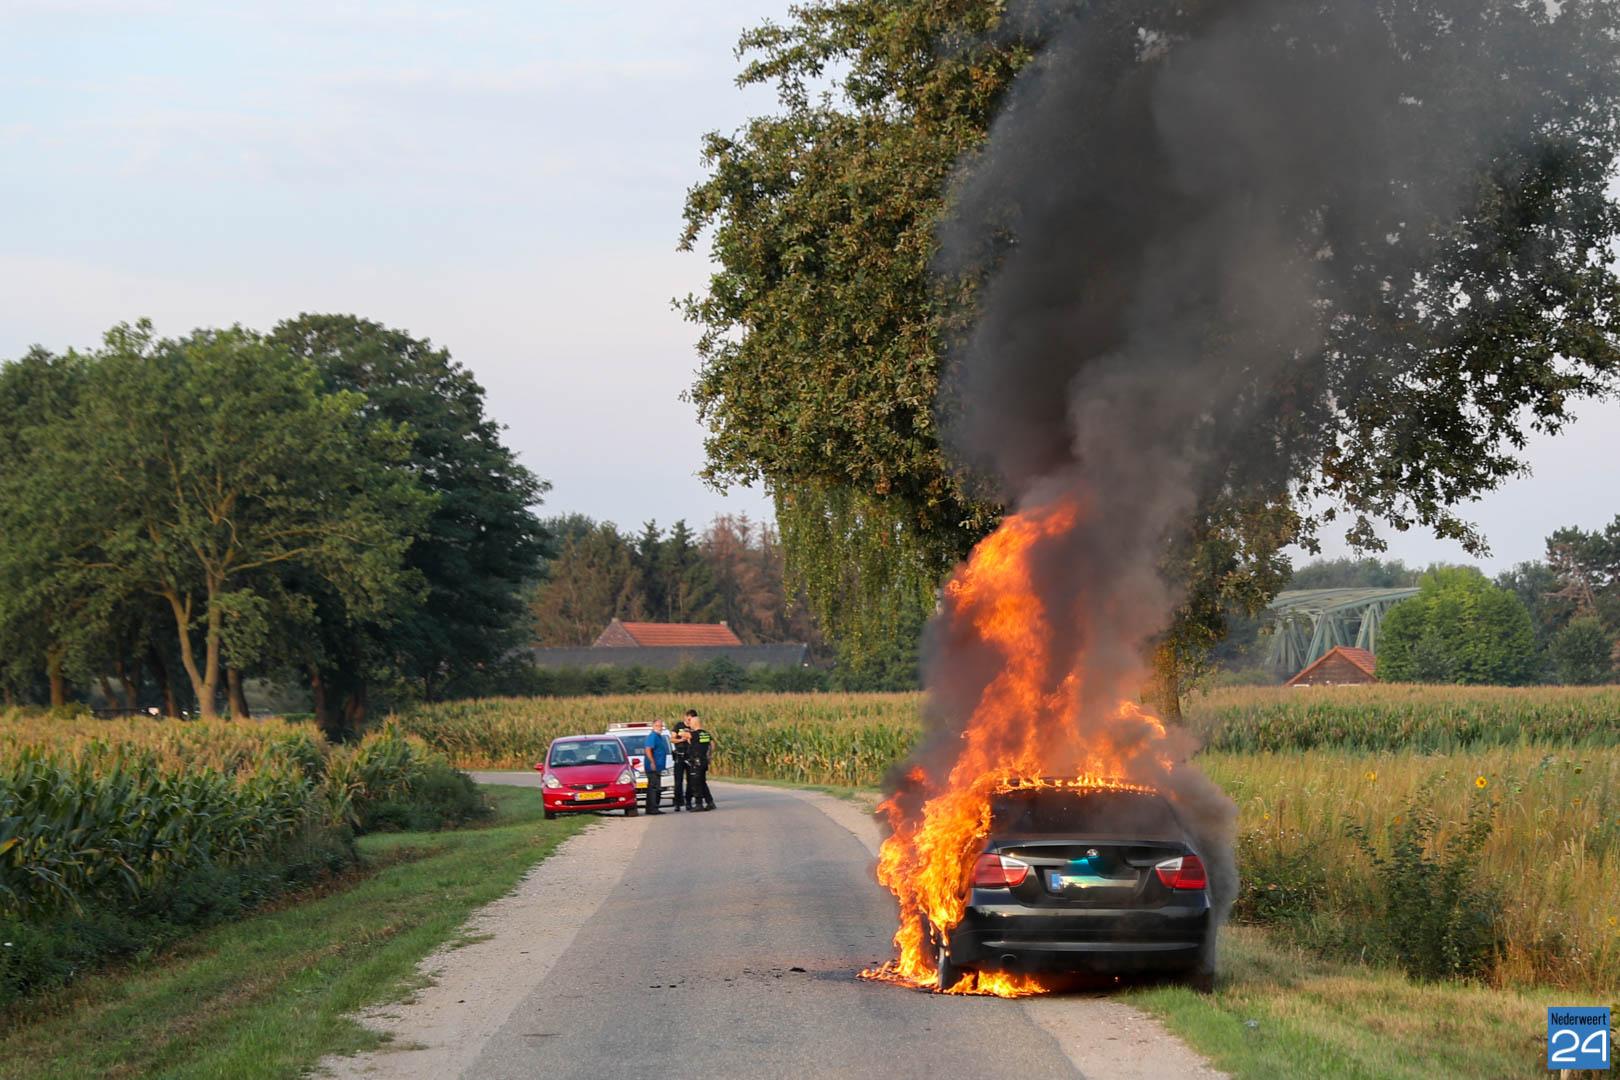 Bestuurder gewond na autobrand Mildert Leveroy - Nederweert24 - Nederweert24